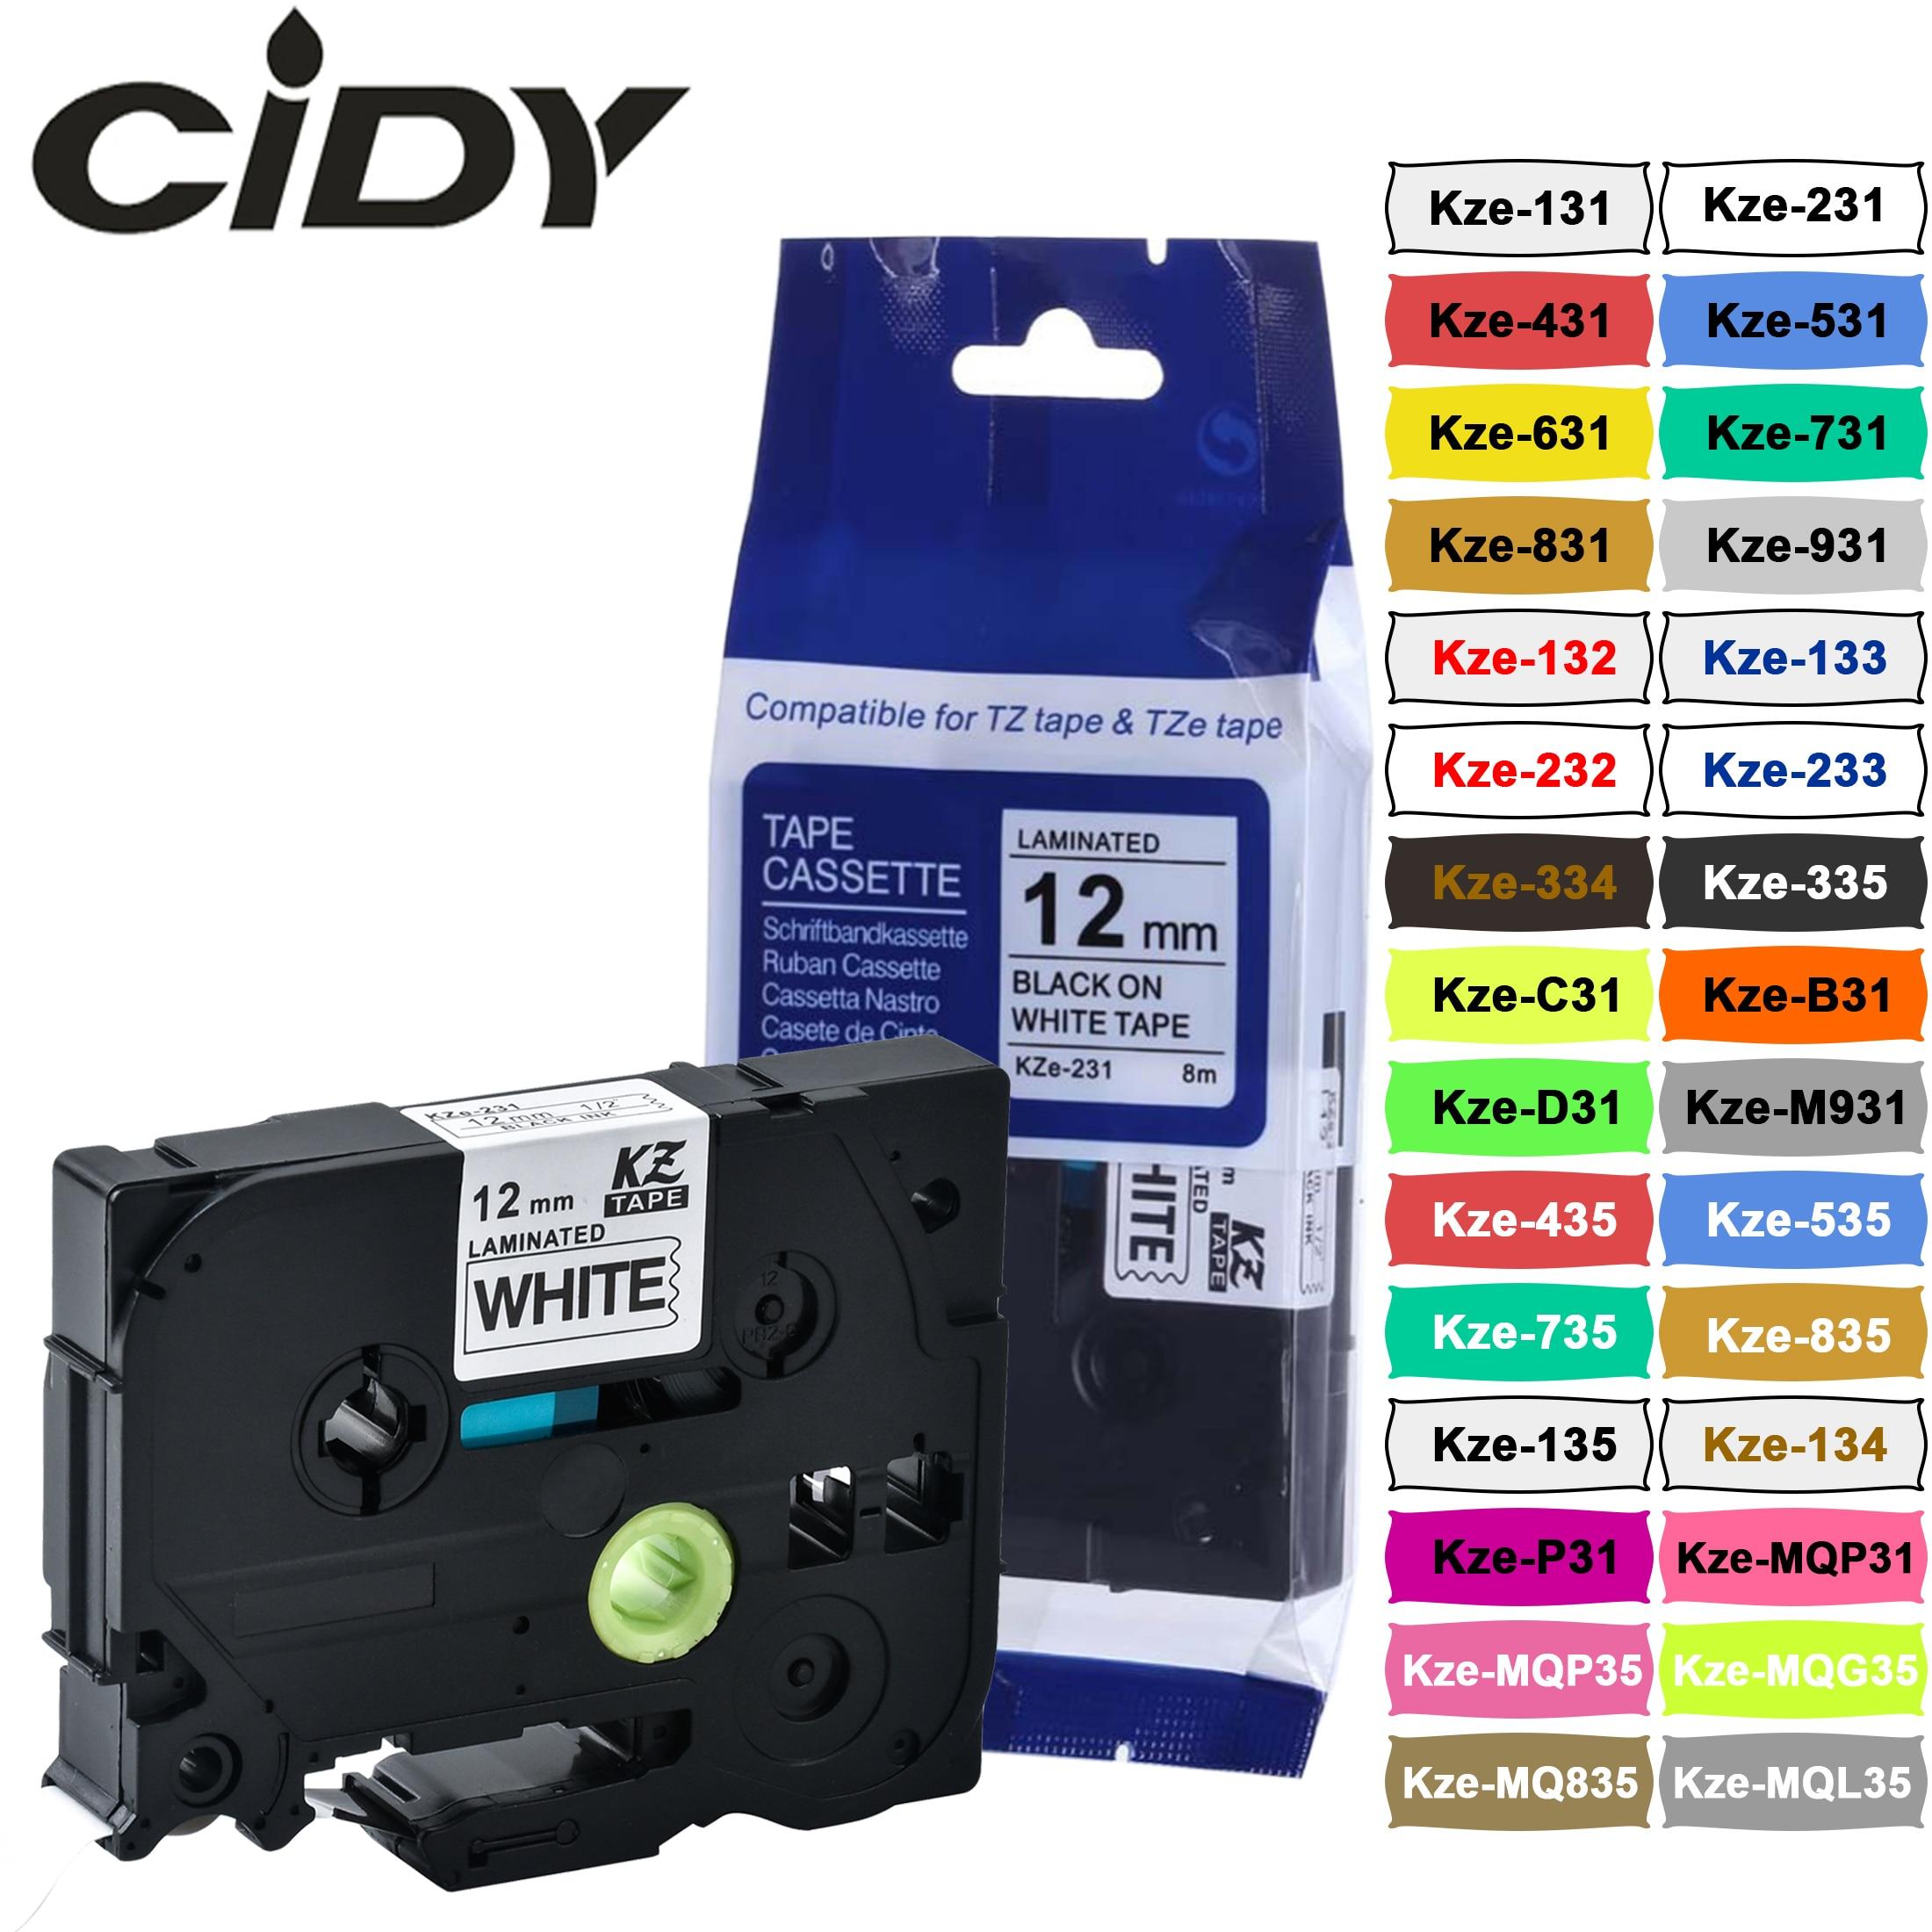 CIDY TZ231 TZ 231 TZe 231 Laminiert Klebstoff tz-231 tze-231 Label Band P Touch schwarz auf weiß Kompatibel Für Brother tze-131 631